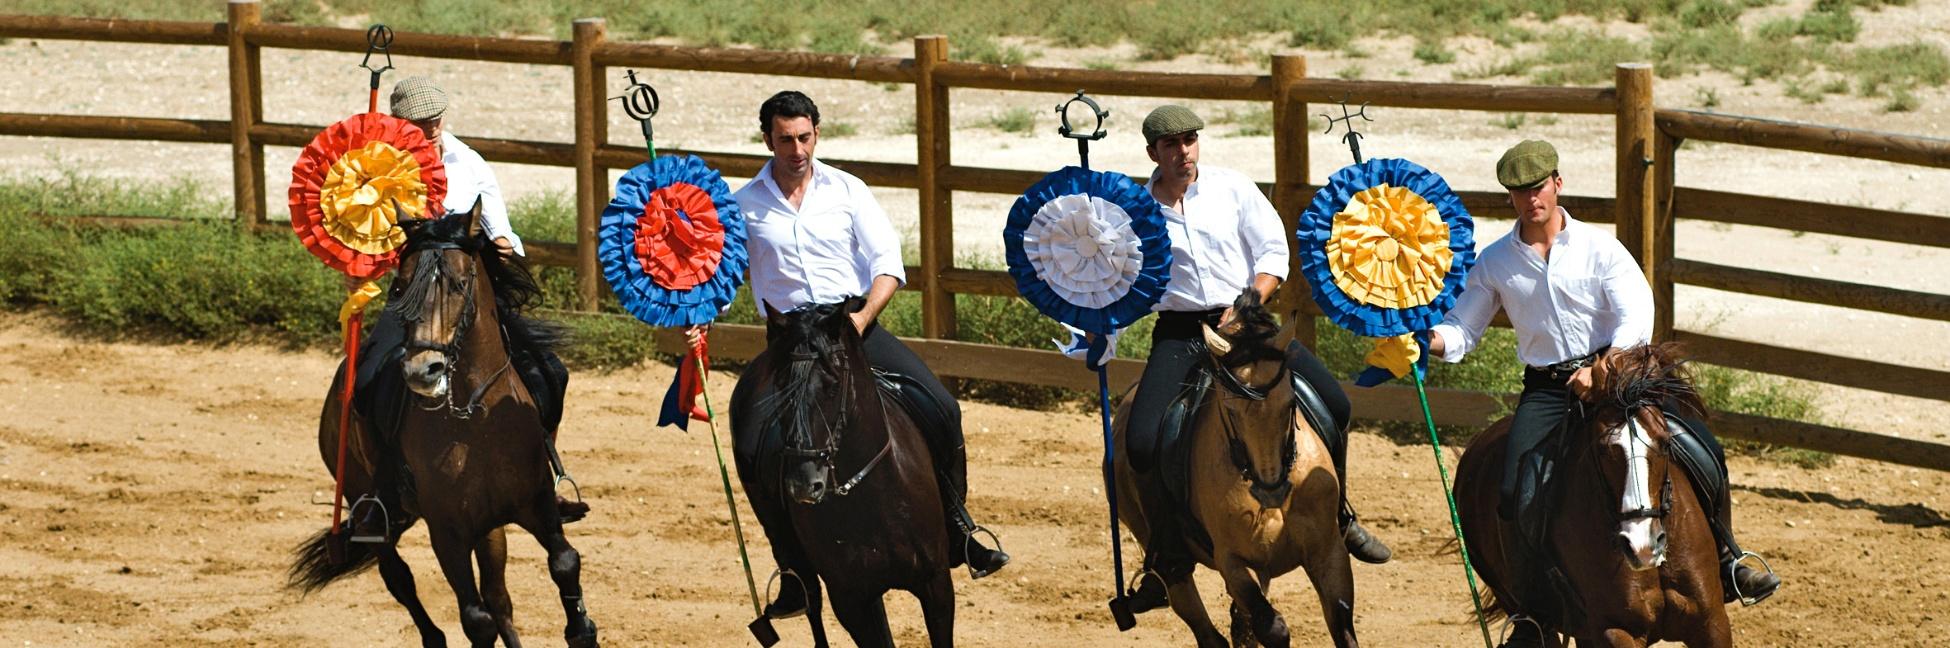 Cavaliers en Espagne